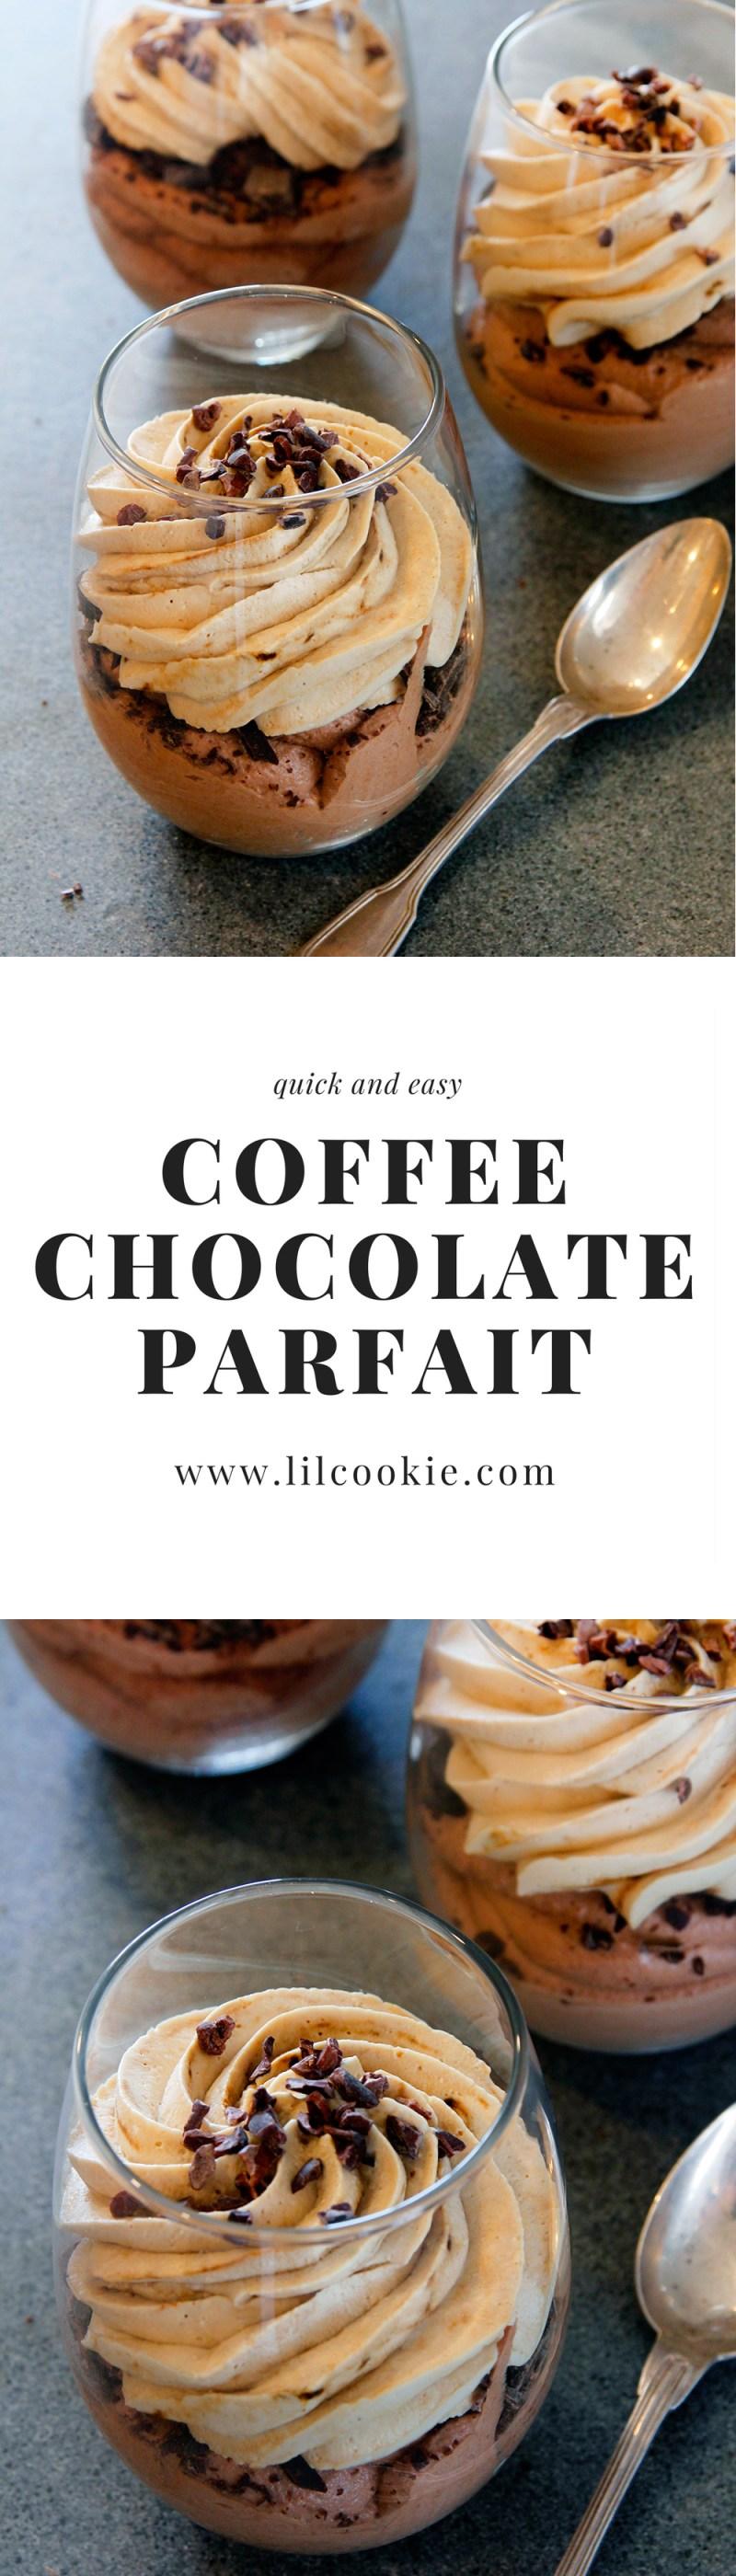 Coffee Chocolate Parfait